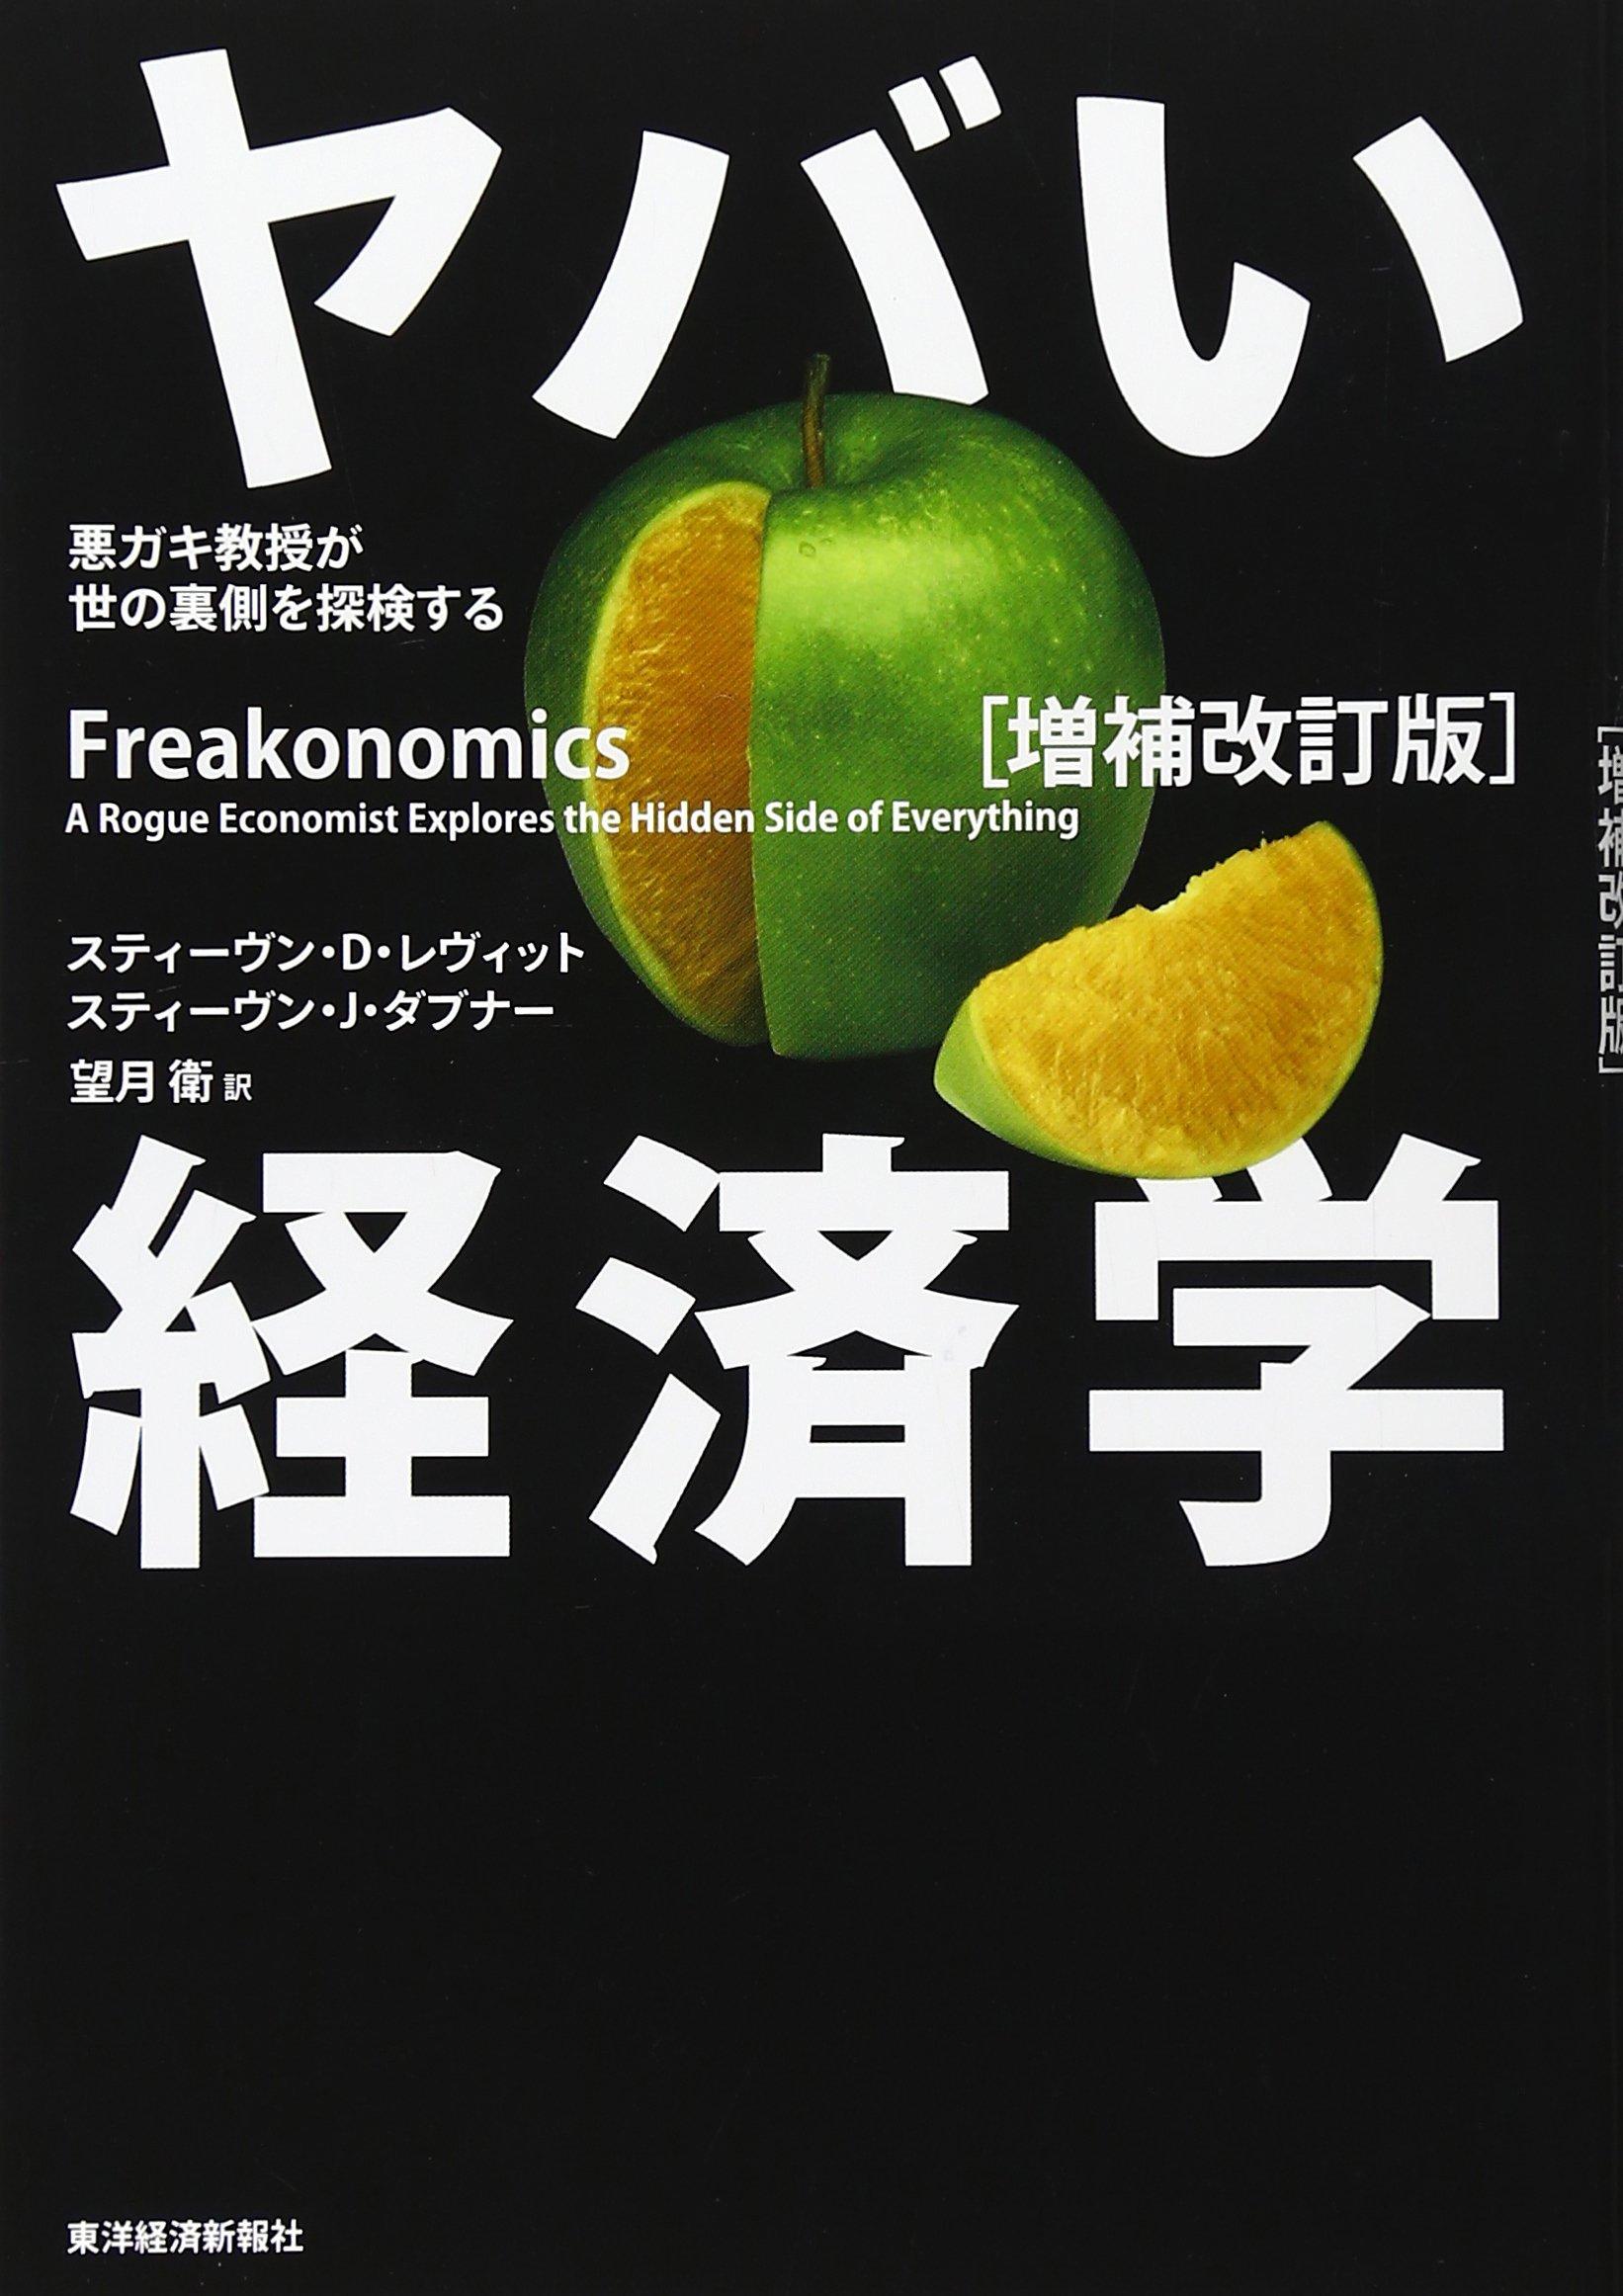 「ヤバい経済学」の個人的評価!いろいろ考えさせられる内容の本